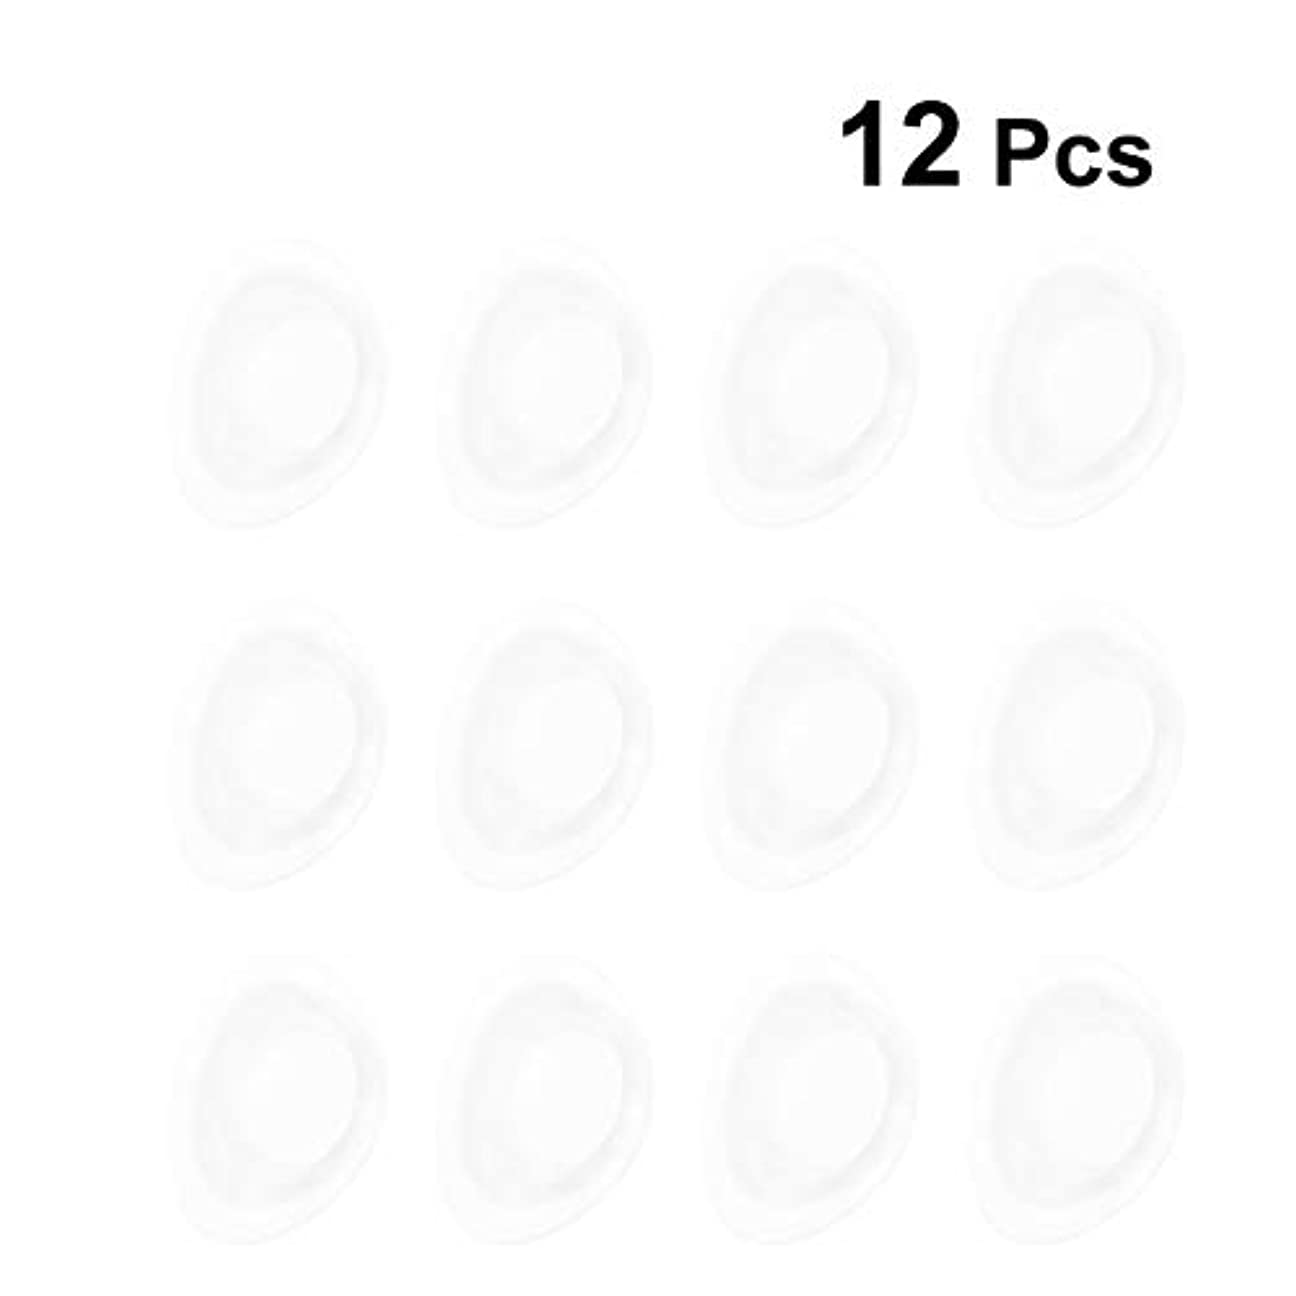 基礎一元化するリーフレットSUPVOX さわやかなクリーニングの疲れた目のための12PCSアイウォッシュカップセットシリコンアイバスカップ